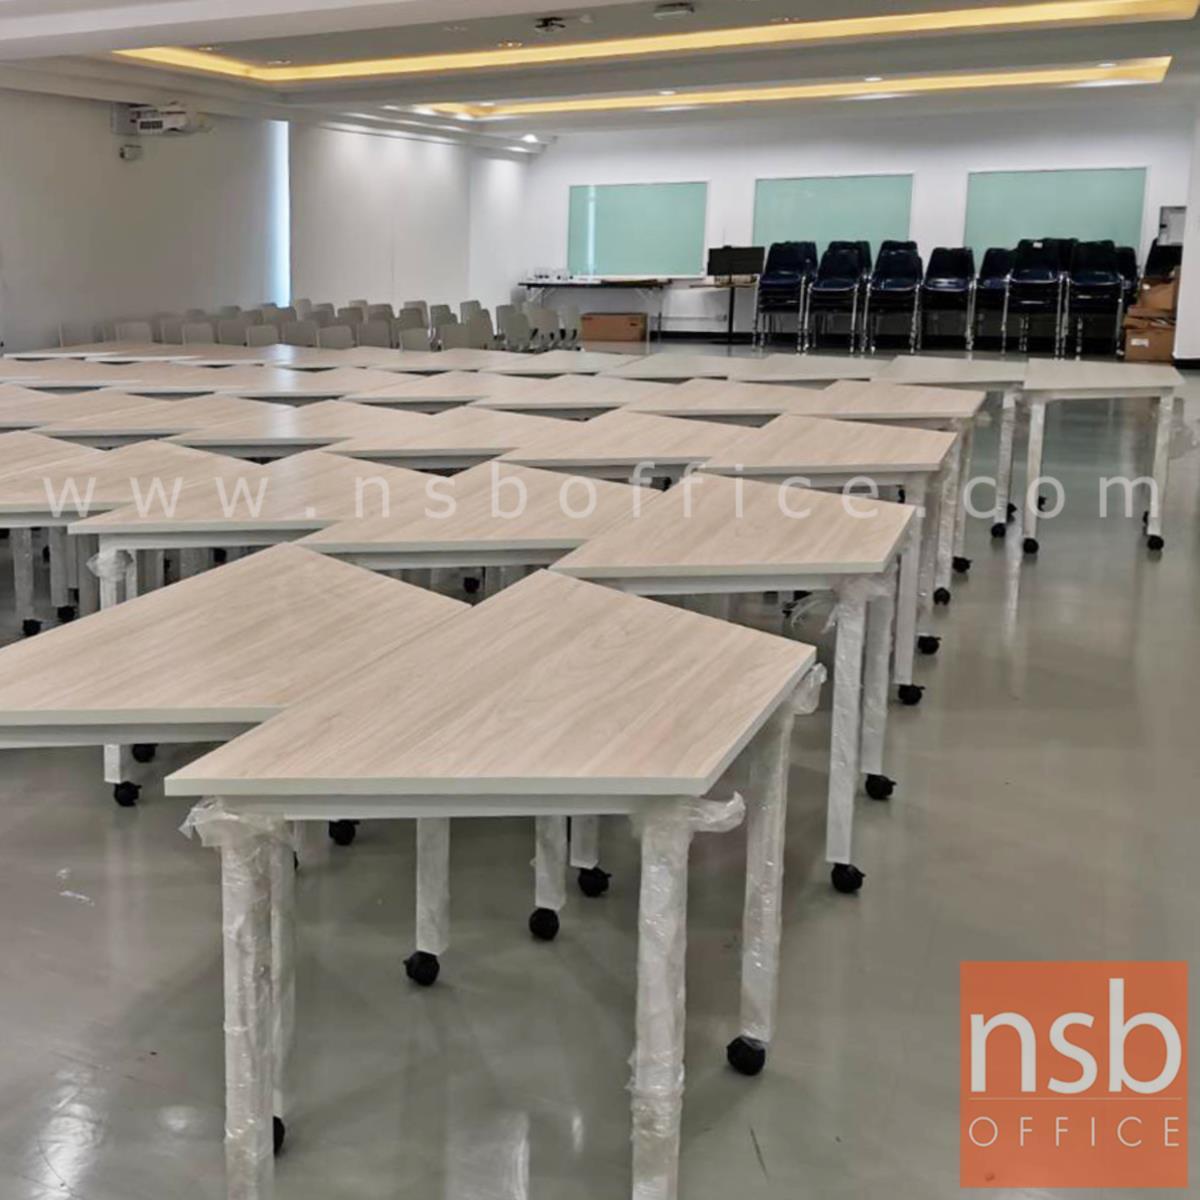 โต๊ะทำงานทรงคางหมูมีล้อ รุ่น Quince (ควินซ์) ขนาด 105W ,120W ,140W ,180W cm.  โครงขาเหล็กเหลี่ยม ล้อเลื่อน